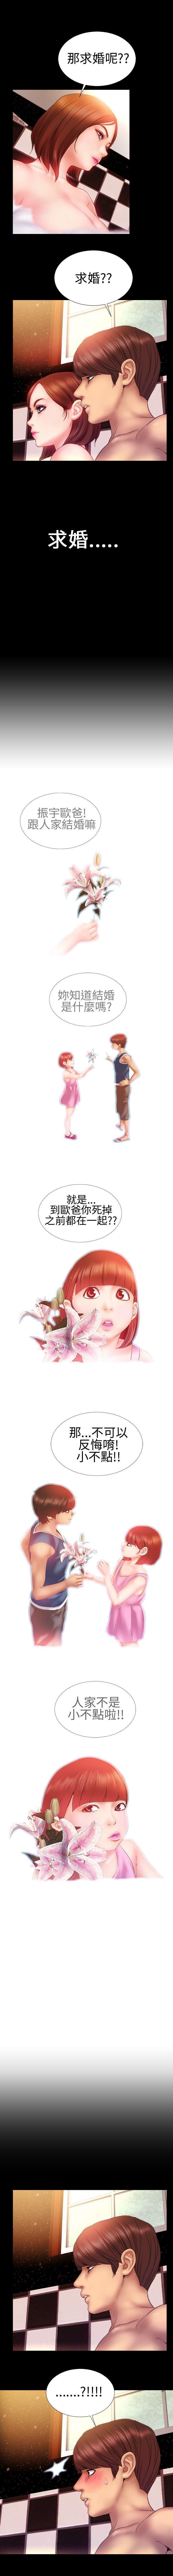 [洋蔥&模造]MY WIVES 淫荡的妻子们 Ch.4~10 [Chinese]中文 19